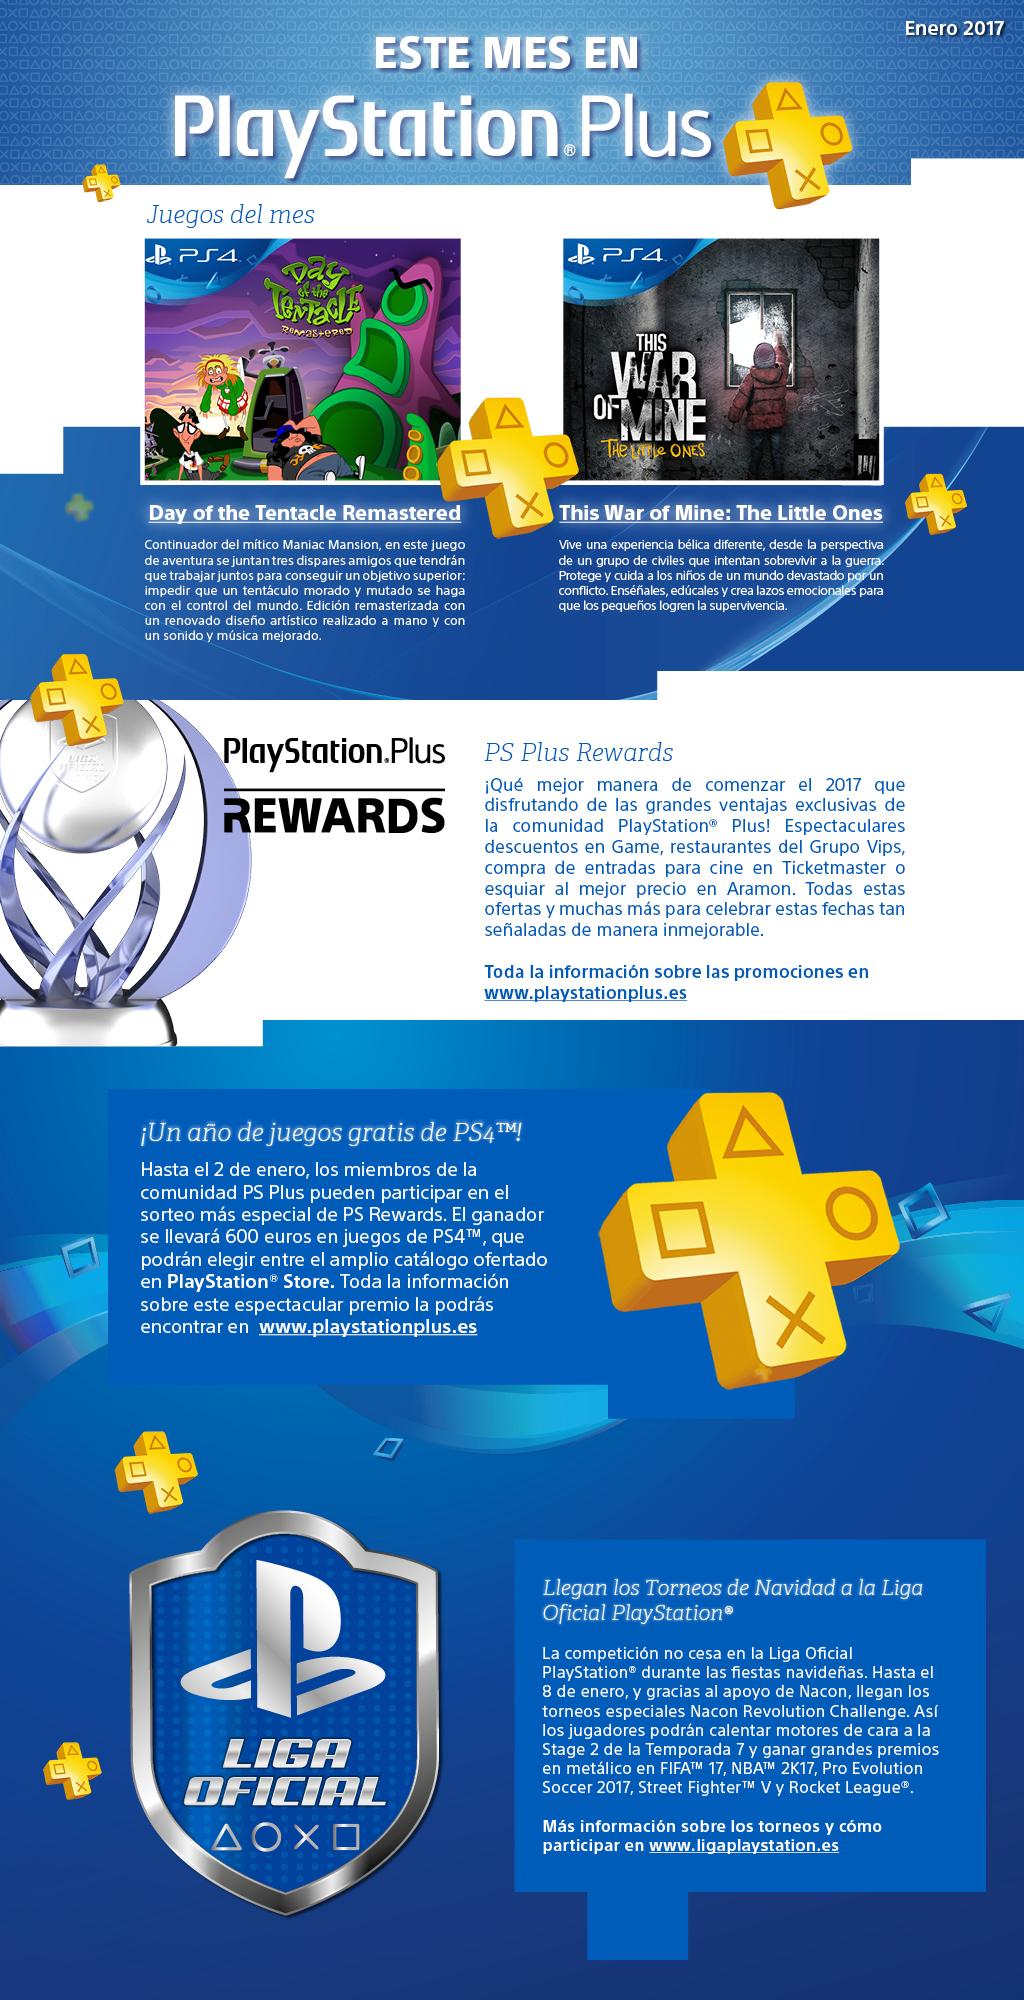 Playstation Plus ofertas en enero 2017